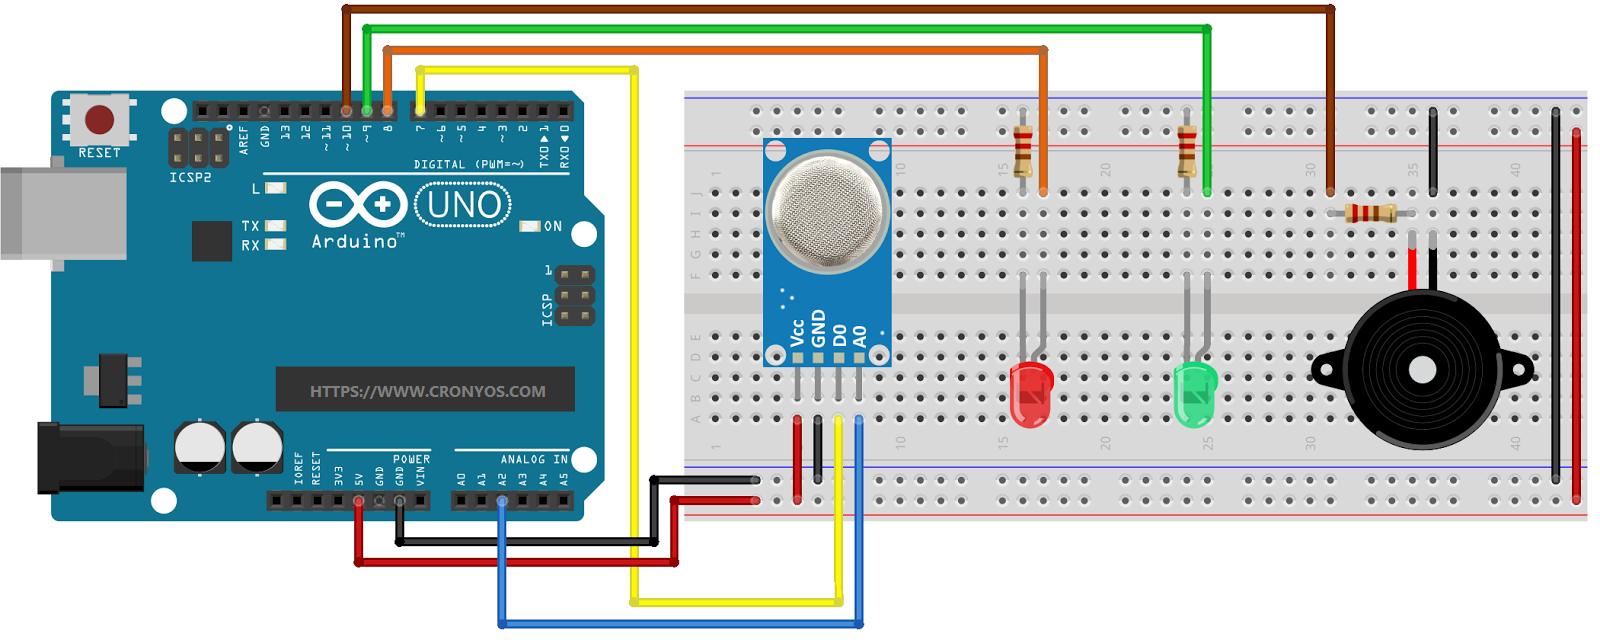 Mendeteksi Kebocoran Gas Mudah terbakar dengan Sensor MQ-2 dan Arduino